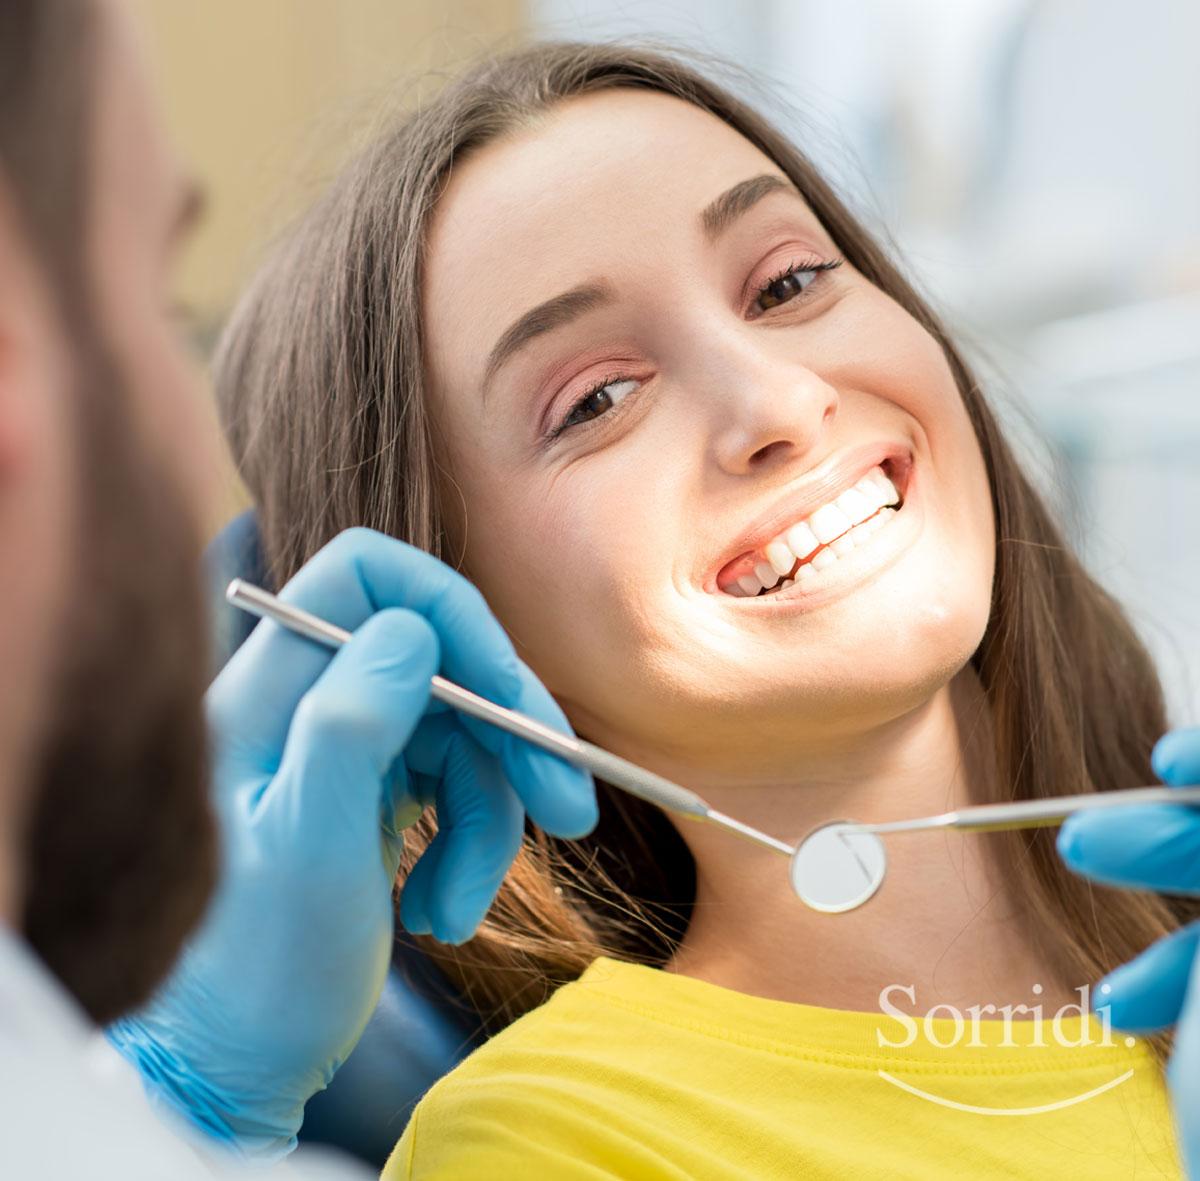 sorridi-ch-magazine-prevenire-la-carie-ai-denti